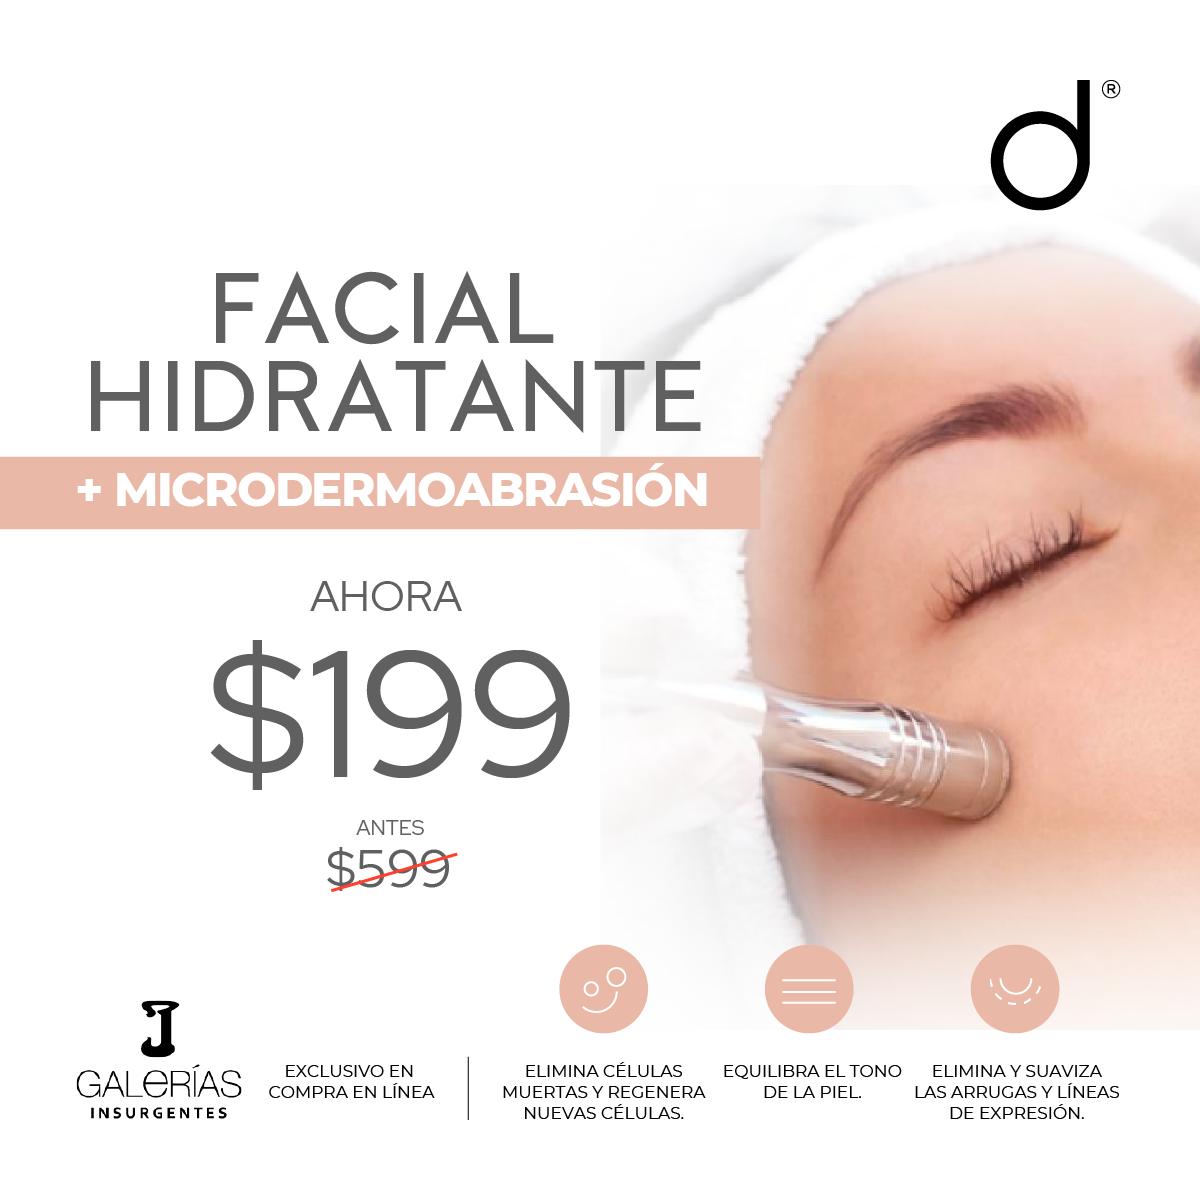 Facial Hidratante + Microdermoabrasión- SÓLO GALERÍAS INSURGENTES&w=900&h=900&fit=crop